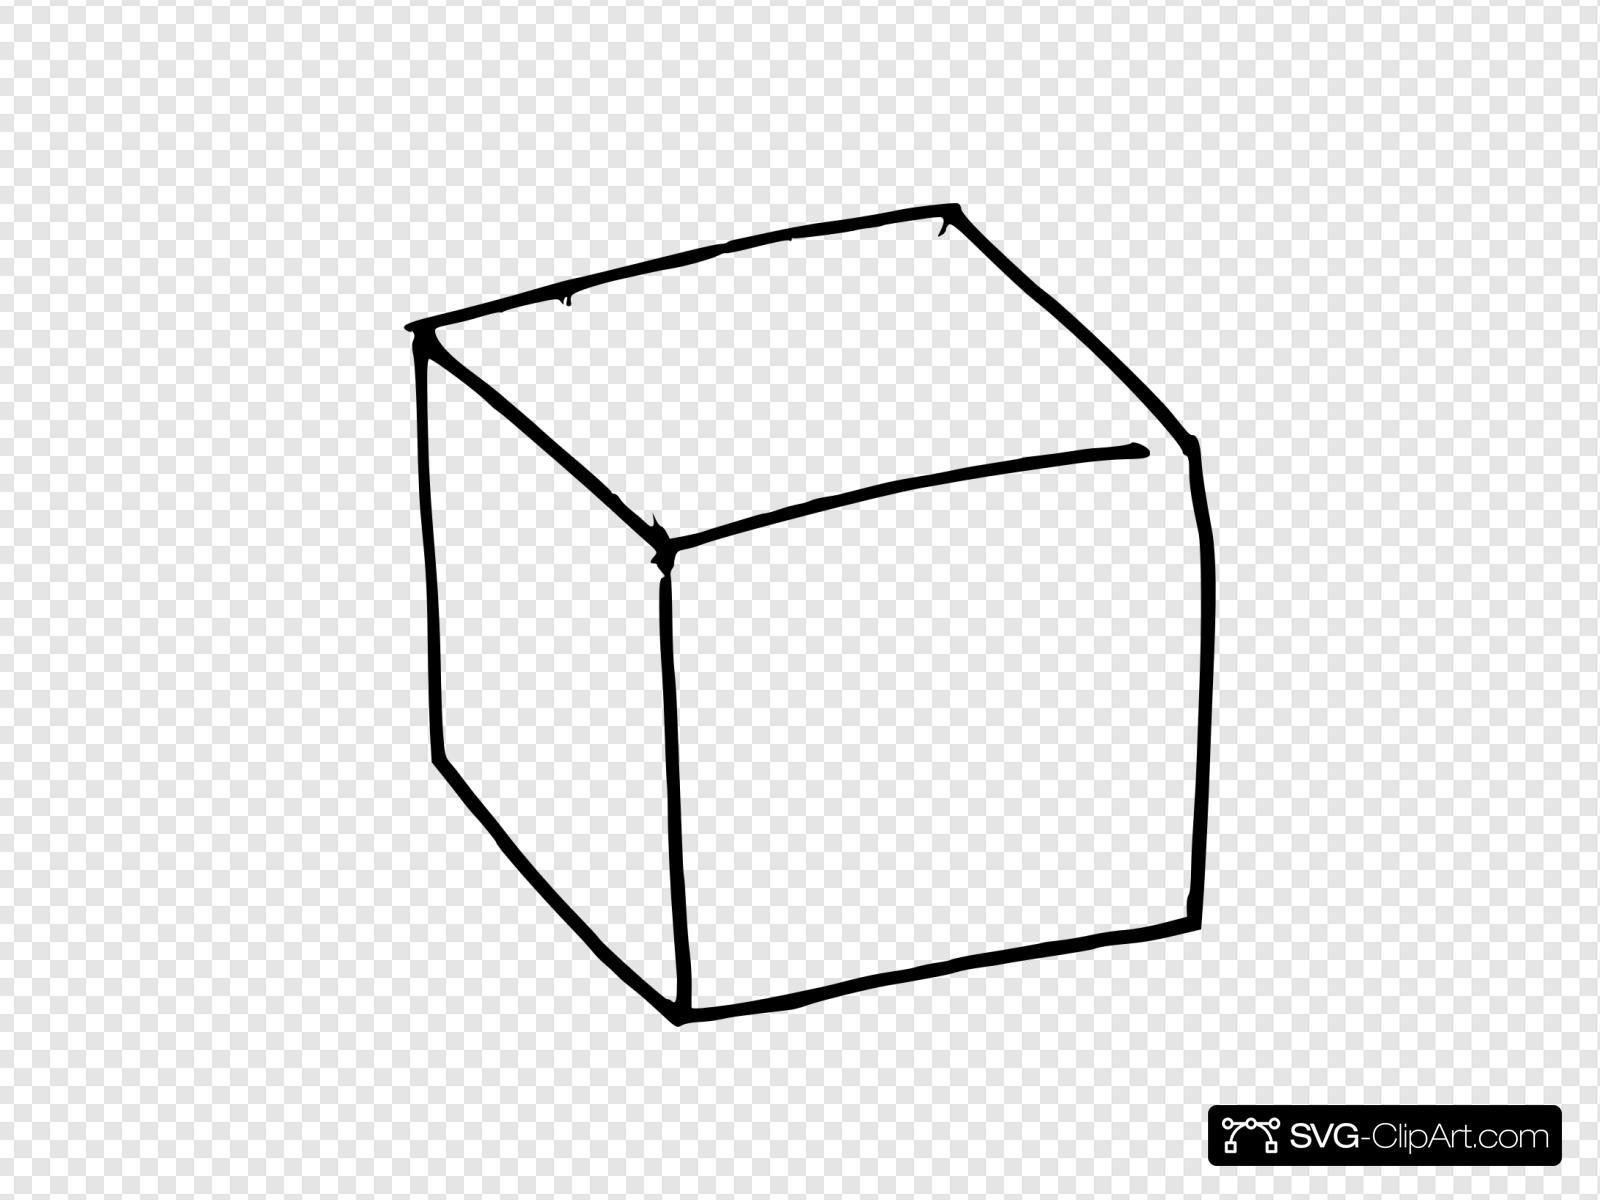 3d cube design clipart vector free 3d Cube Clip art, Icon and SVG - SVG Clipart vector free